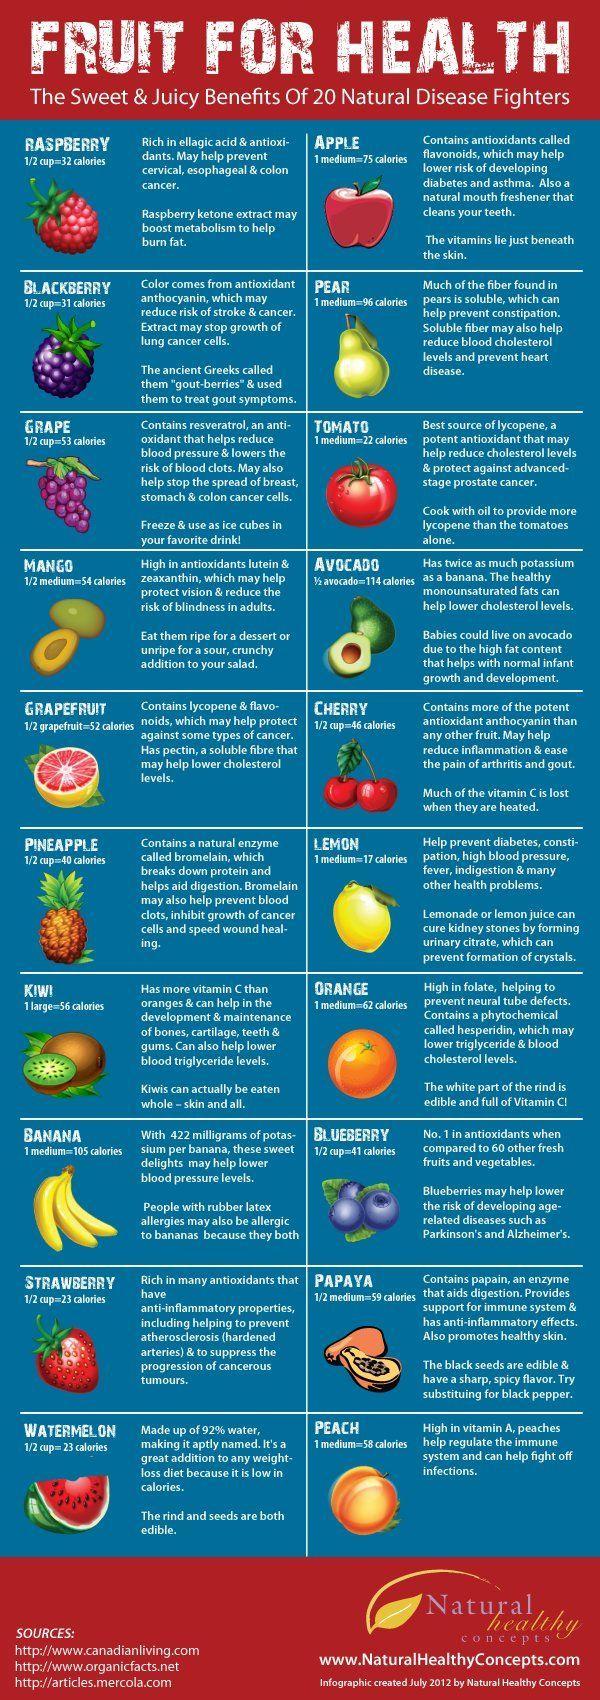 Photo of Sichern Sie Ihre gesunden Ernährungsgewohnheiten mit fundierten Informationen.